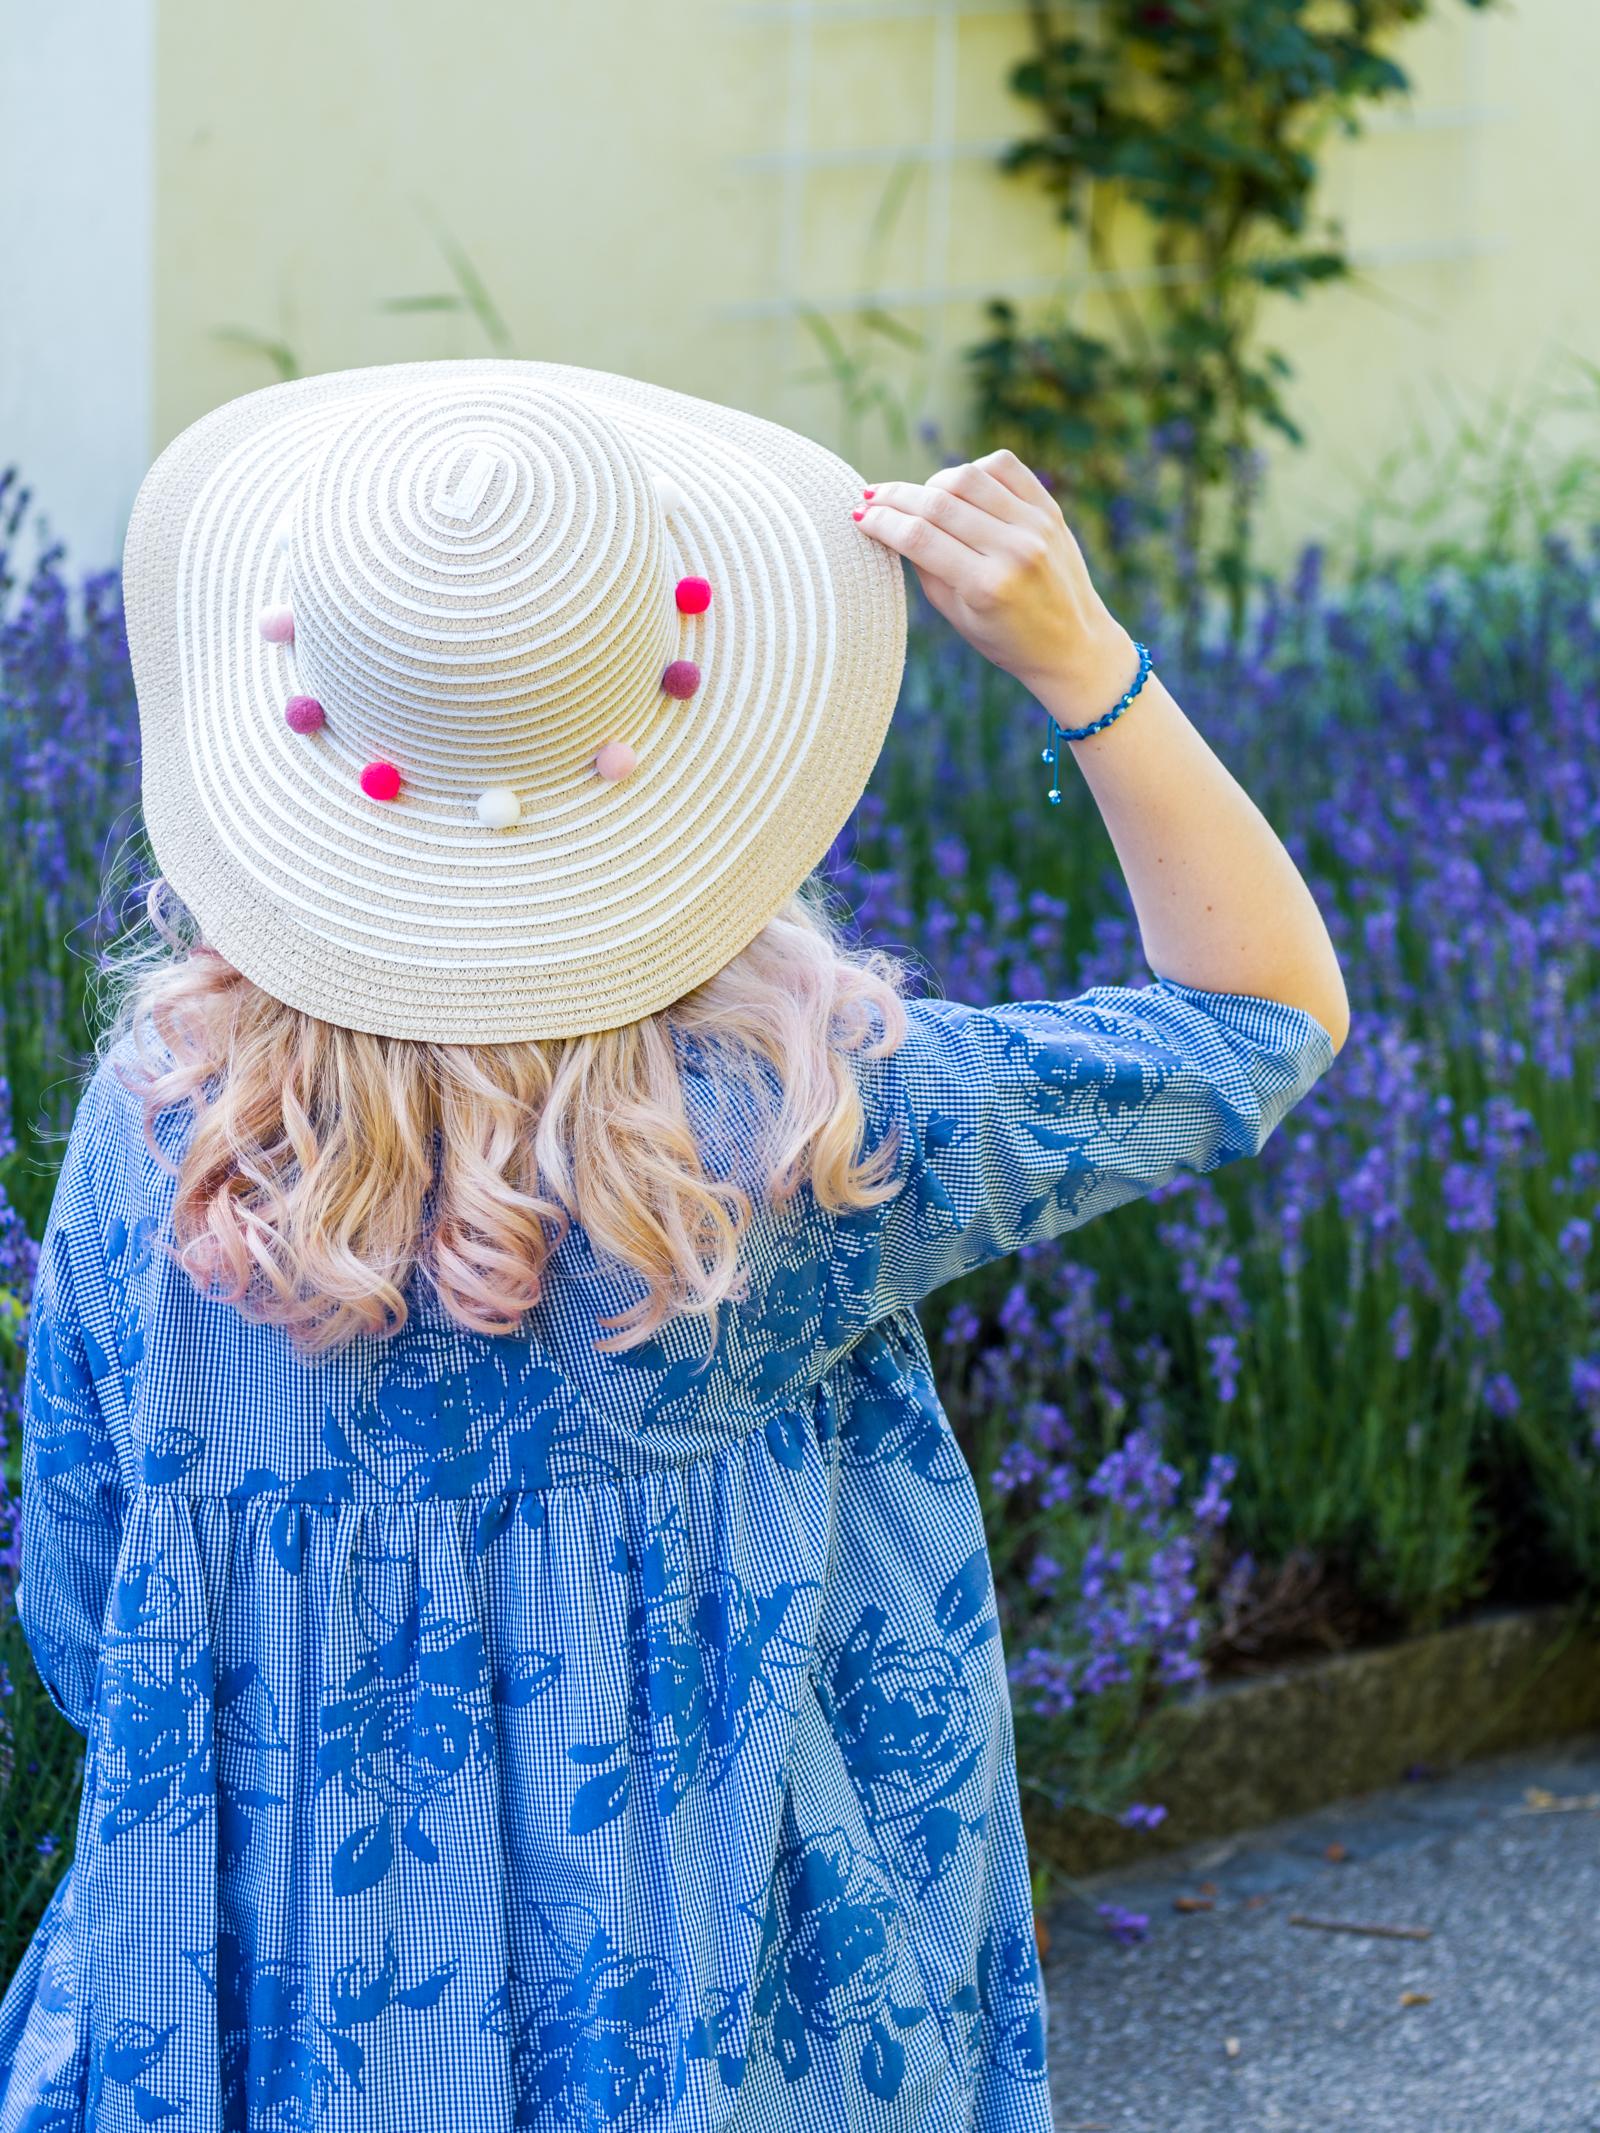 Sommerkleid und Hut mit Pompoms